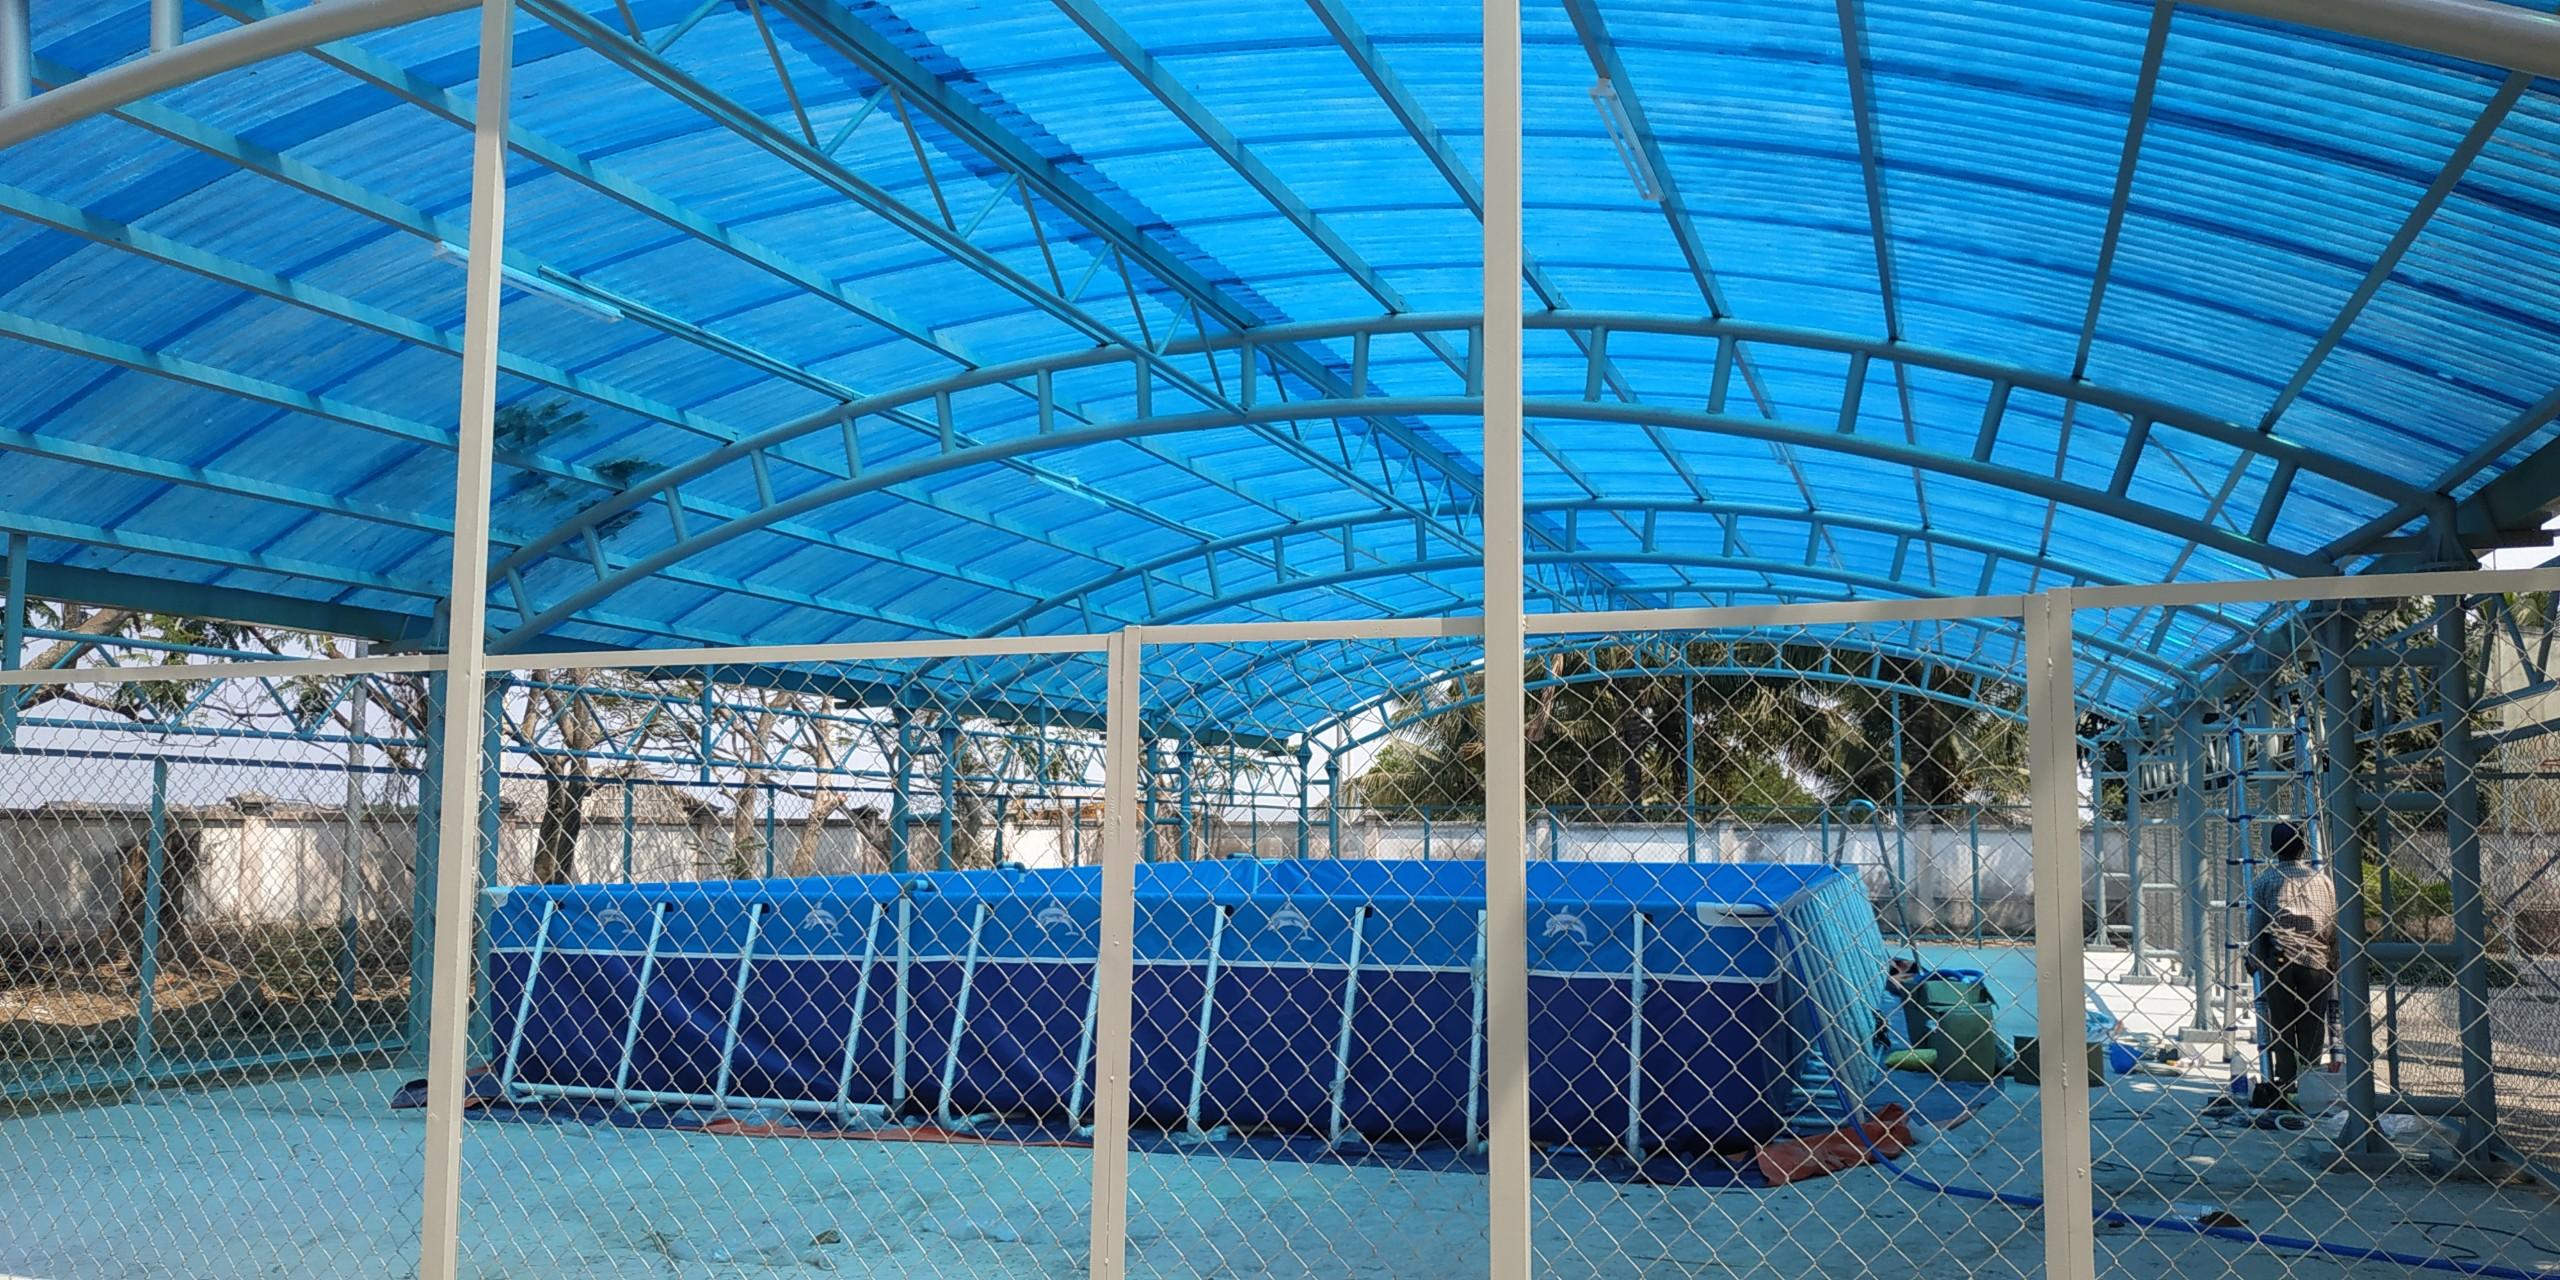 Bể Bơi Di Động Lắp Ghép Tại Cao Bằng Hoạt Động Từ 2019 Đến Này 21